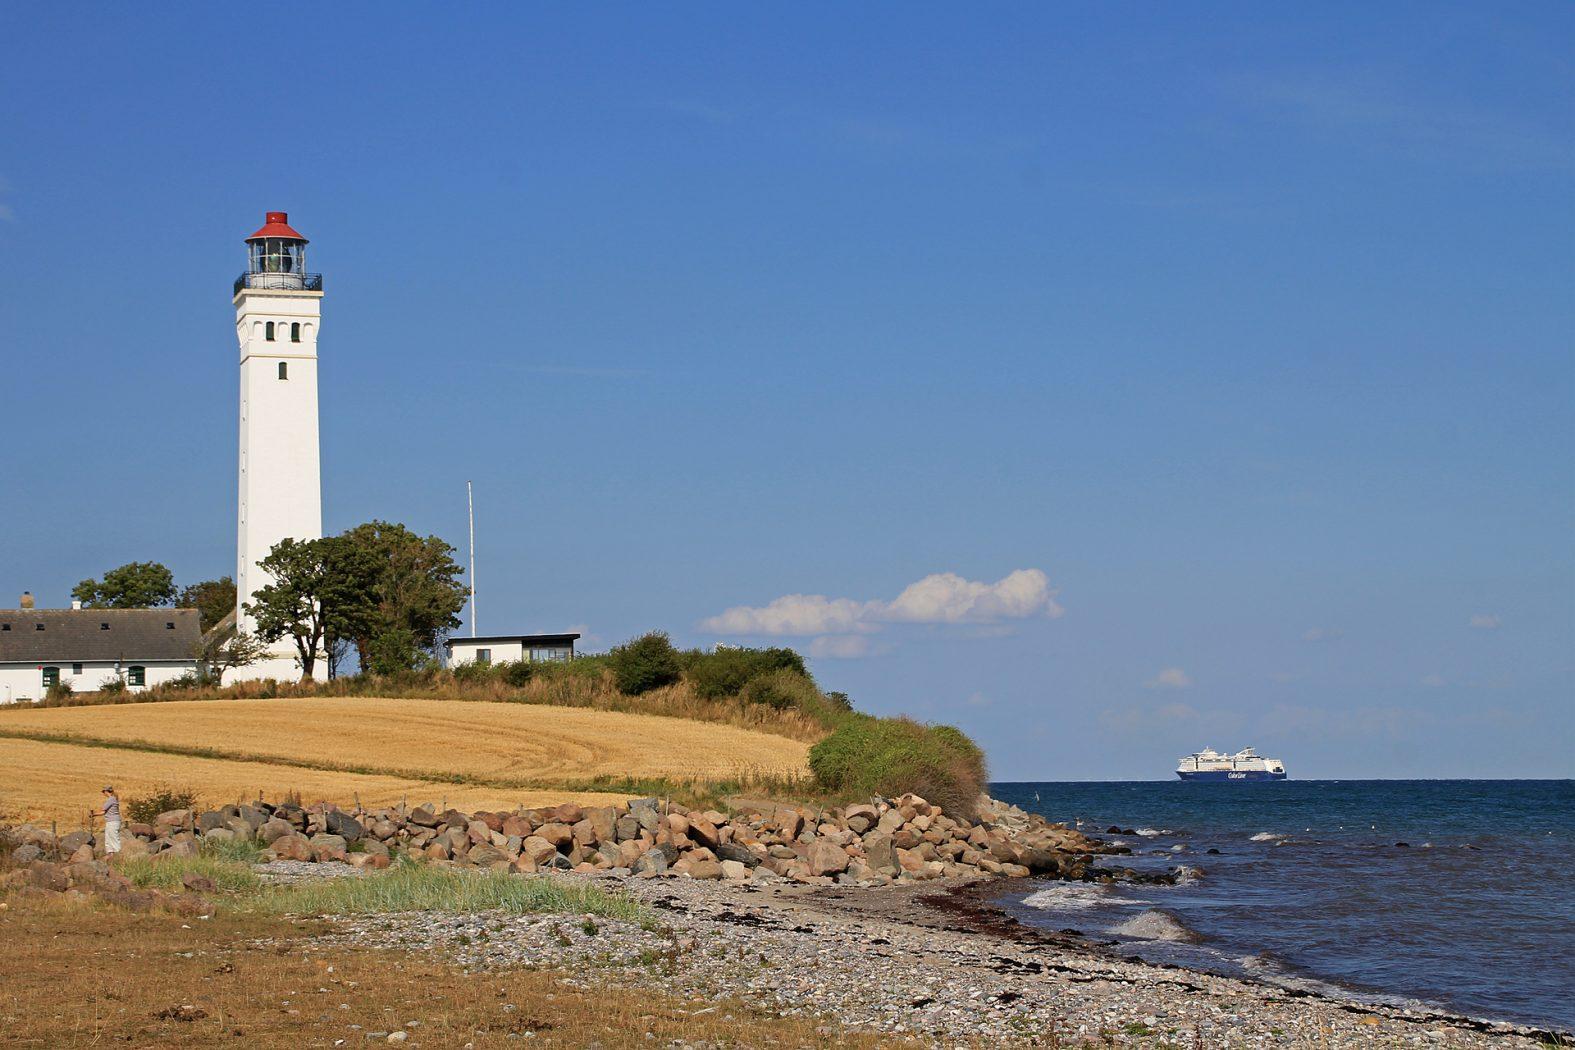 Angeln an der Ostsee in Dänemark